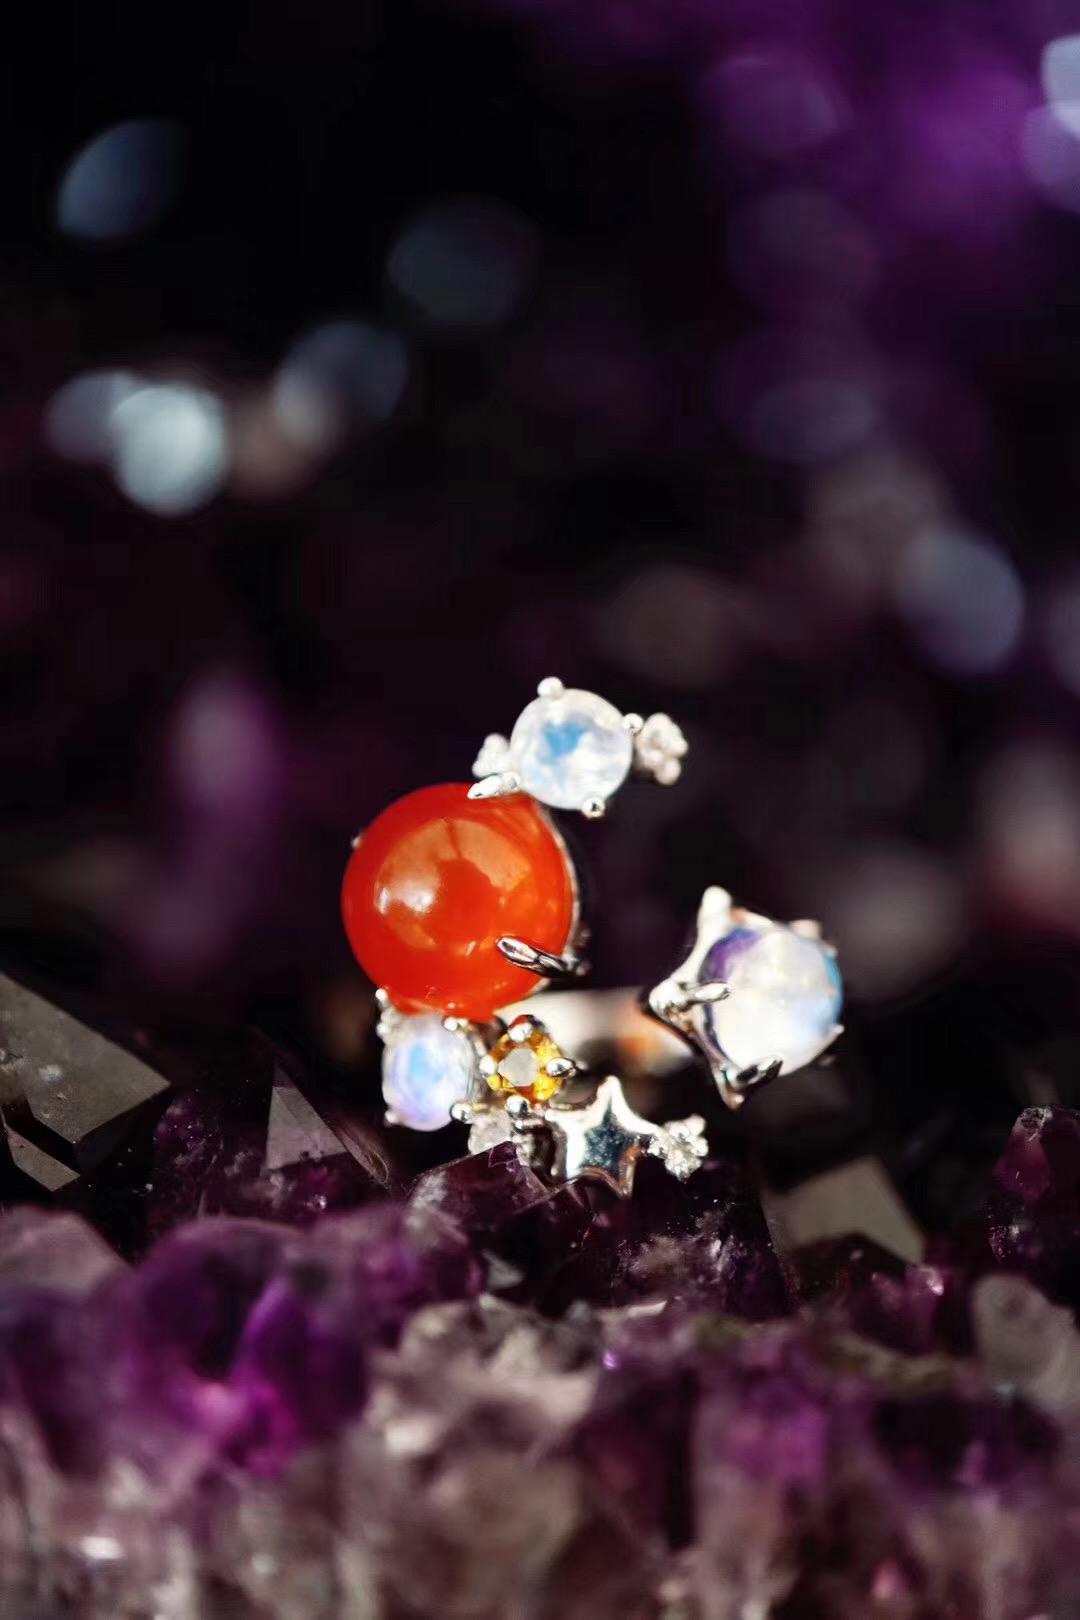 【月光石、南红玛瑙】小清新戒指一枚~ 日月同辉^_^-菩心晶舍